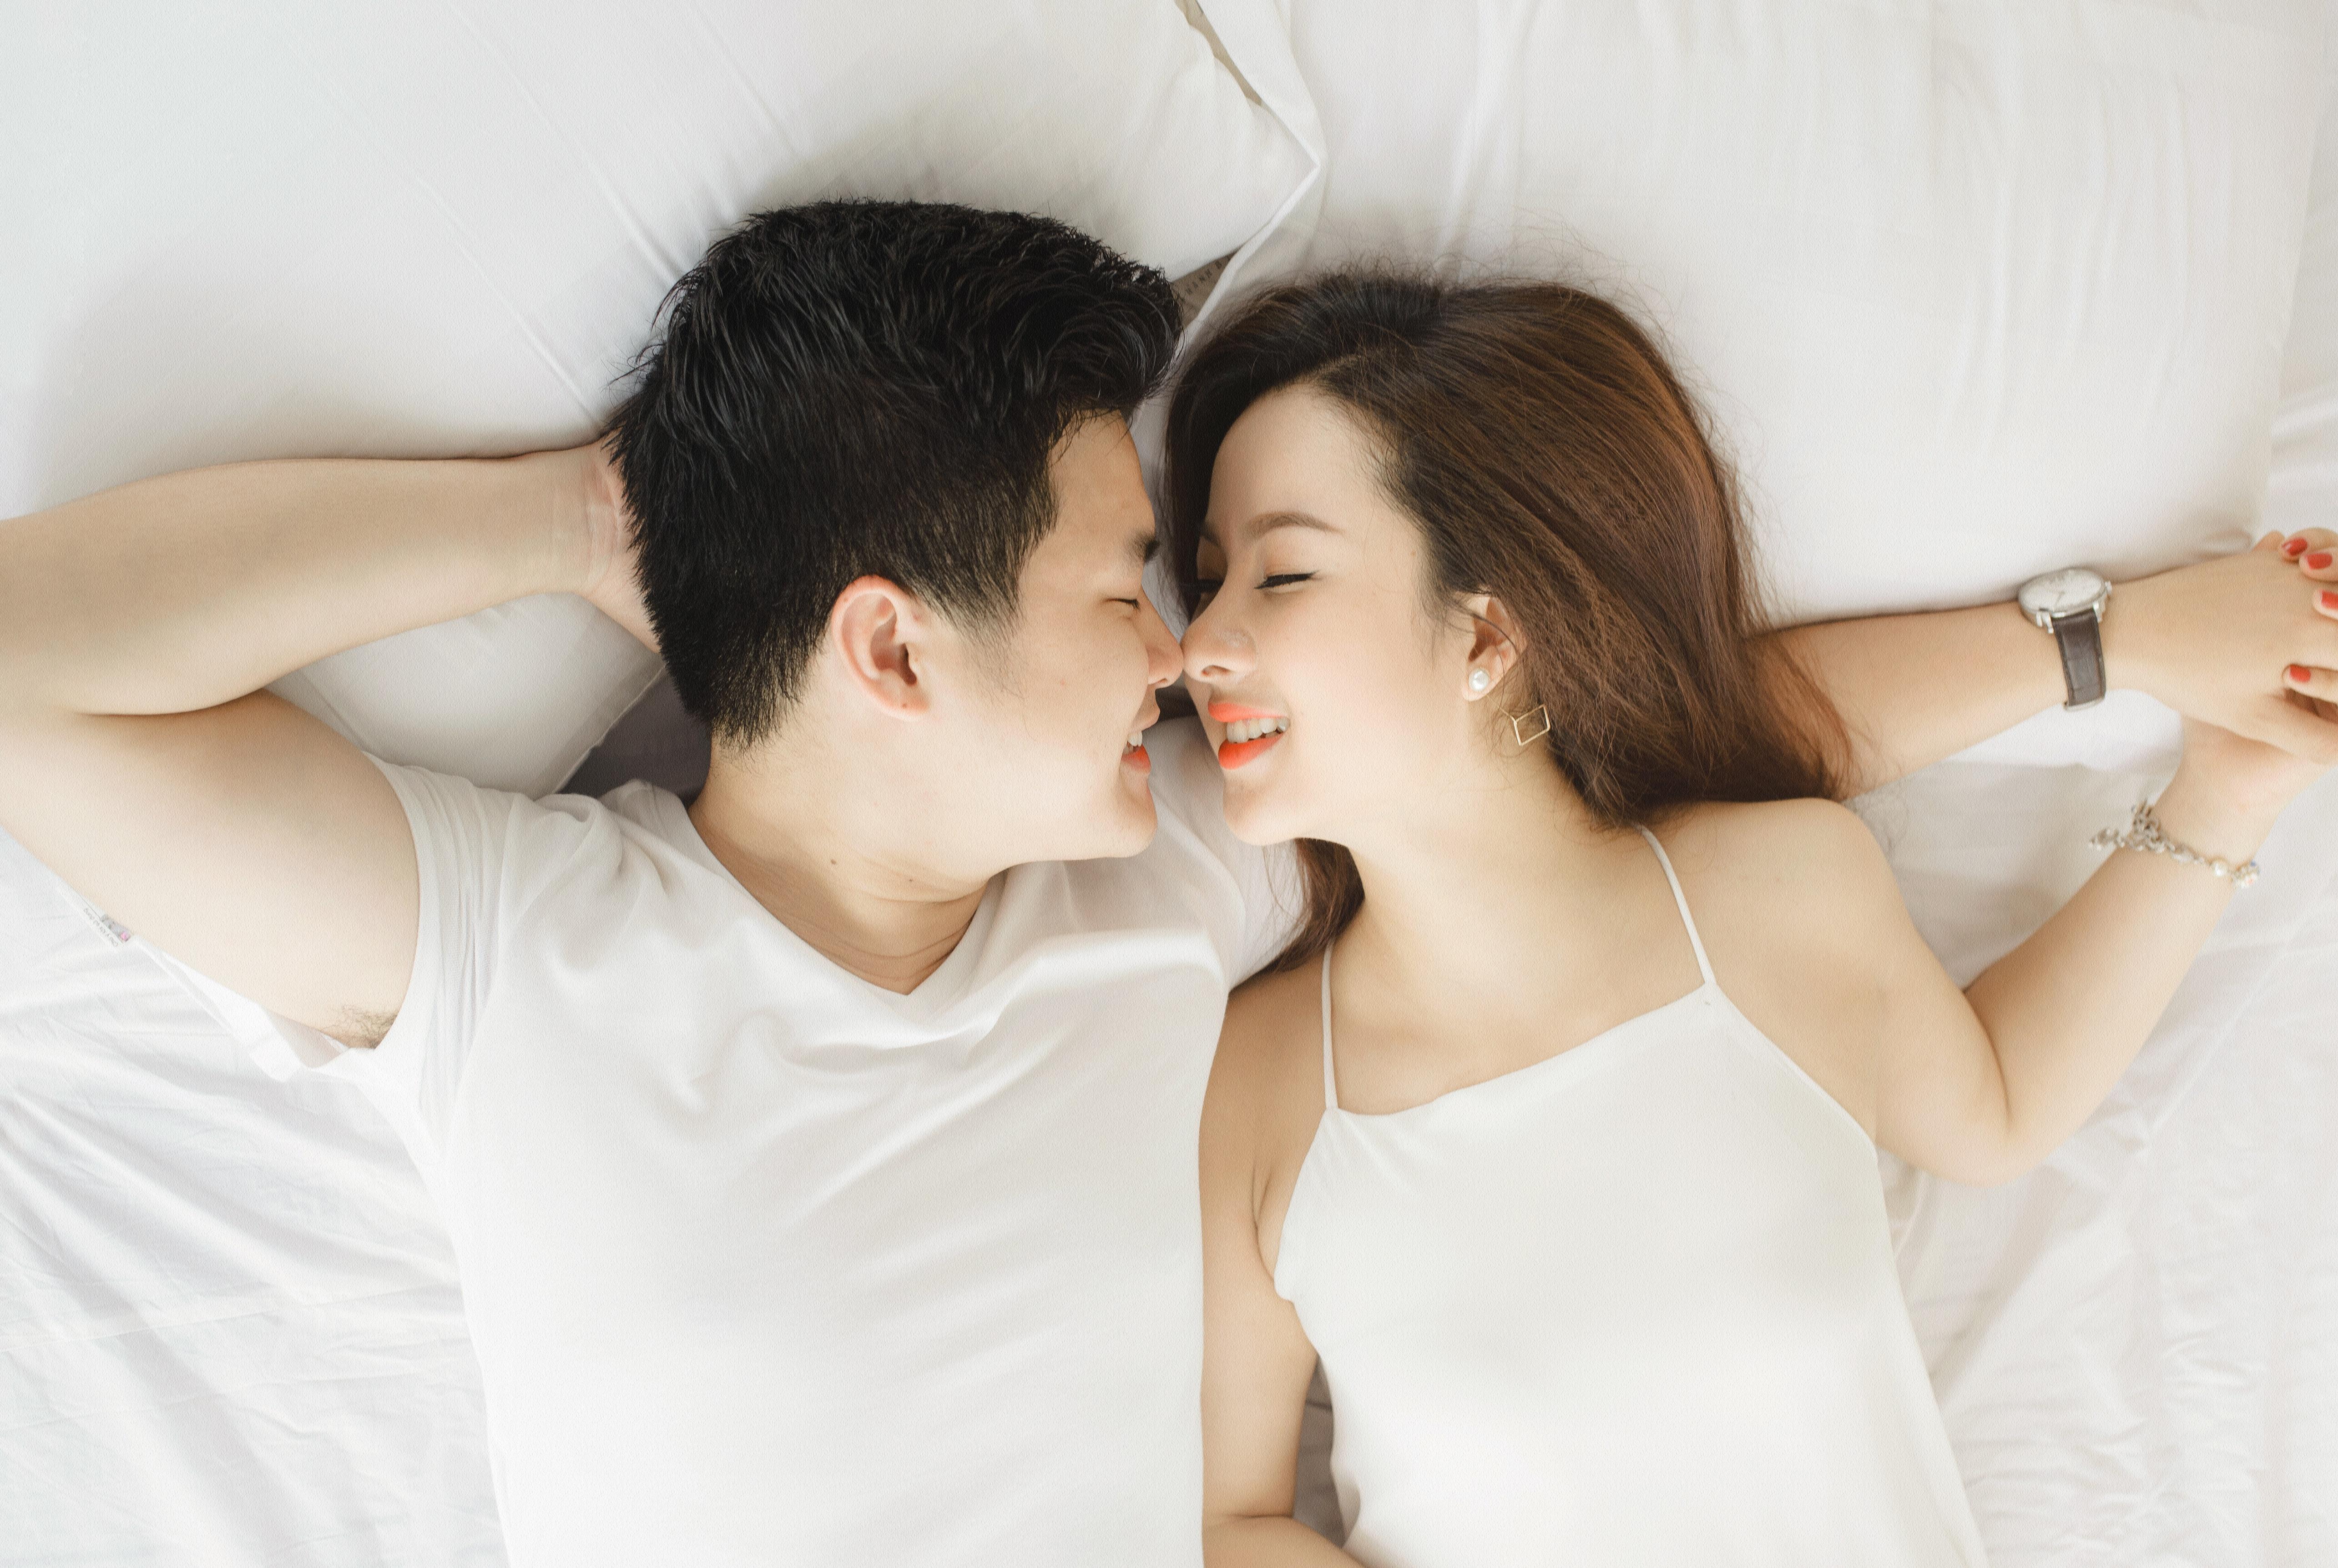 長男×長女の恋愛相性ってどうなの!?性格が似ている長男×長女の相性とは!?